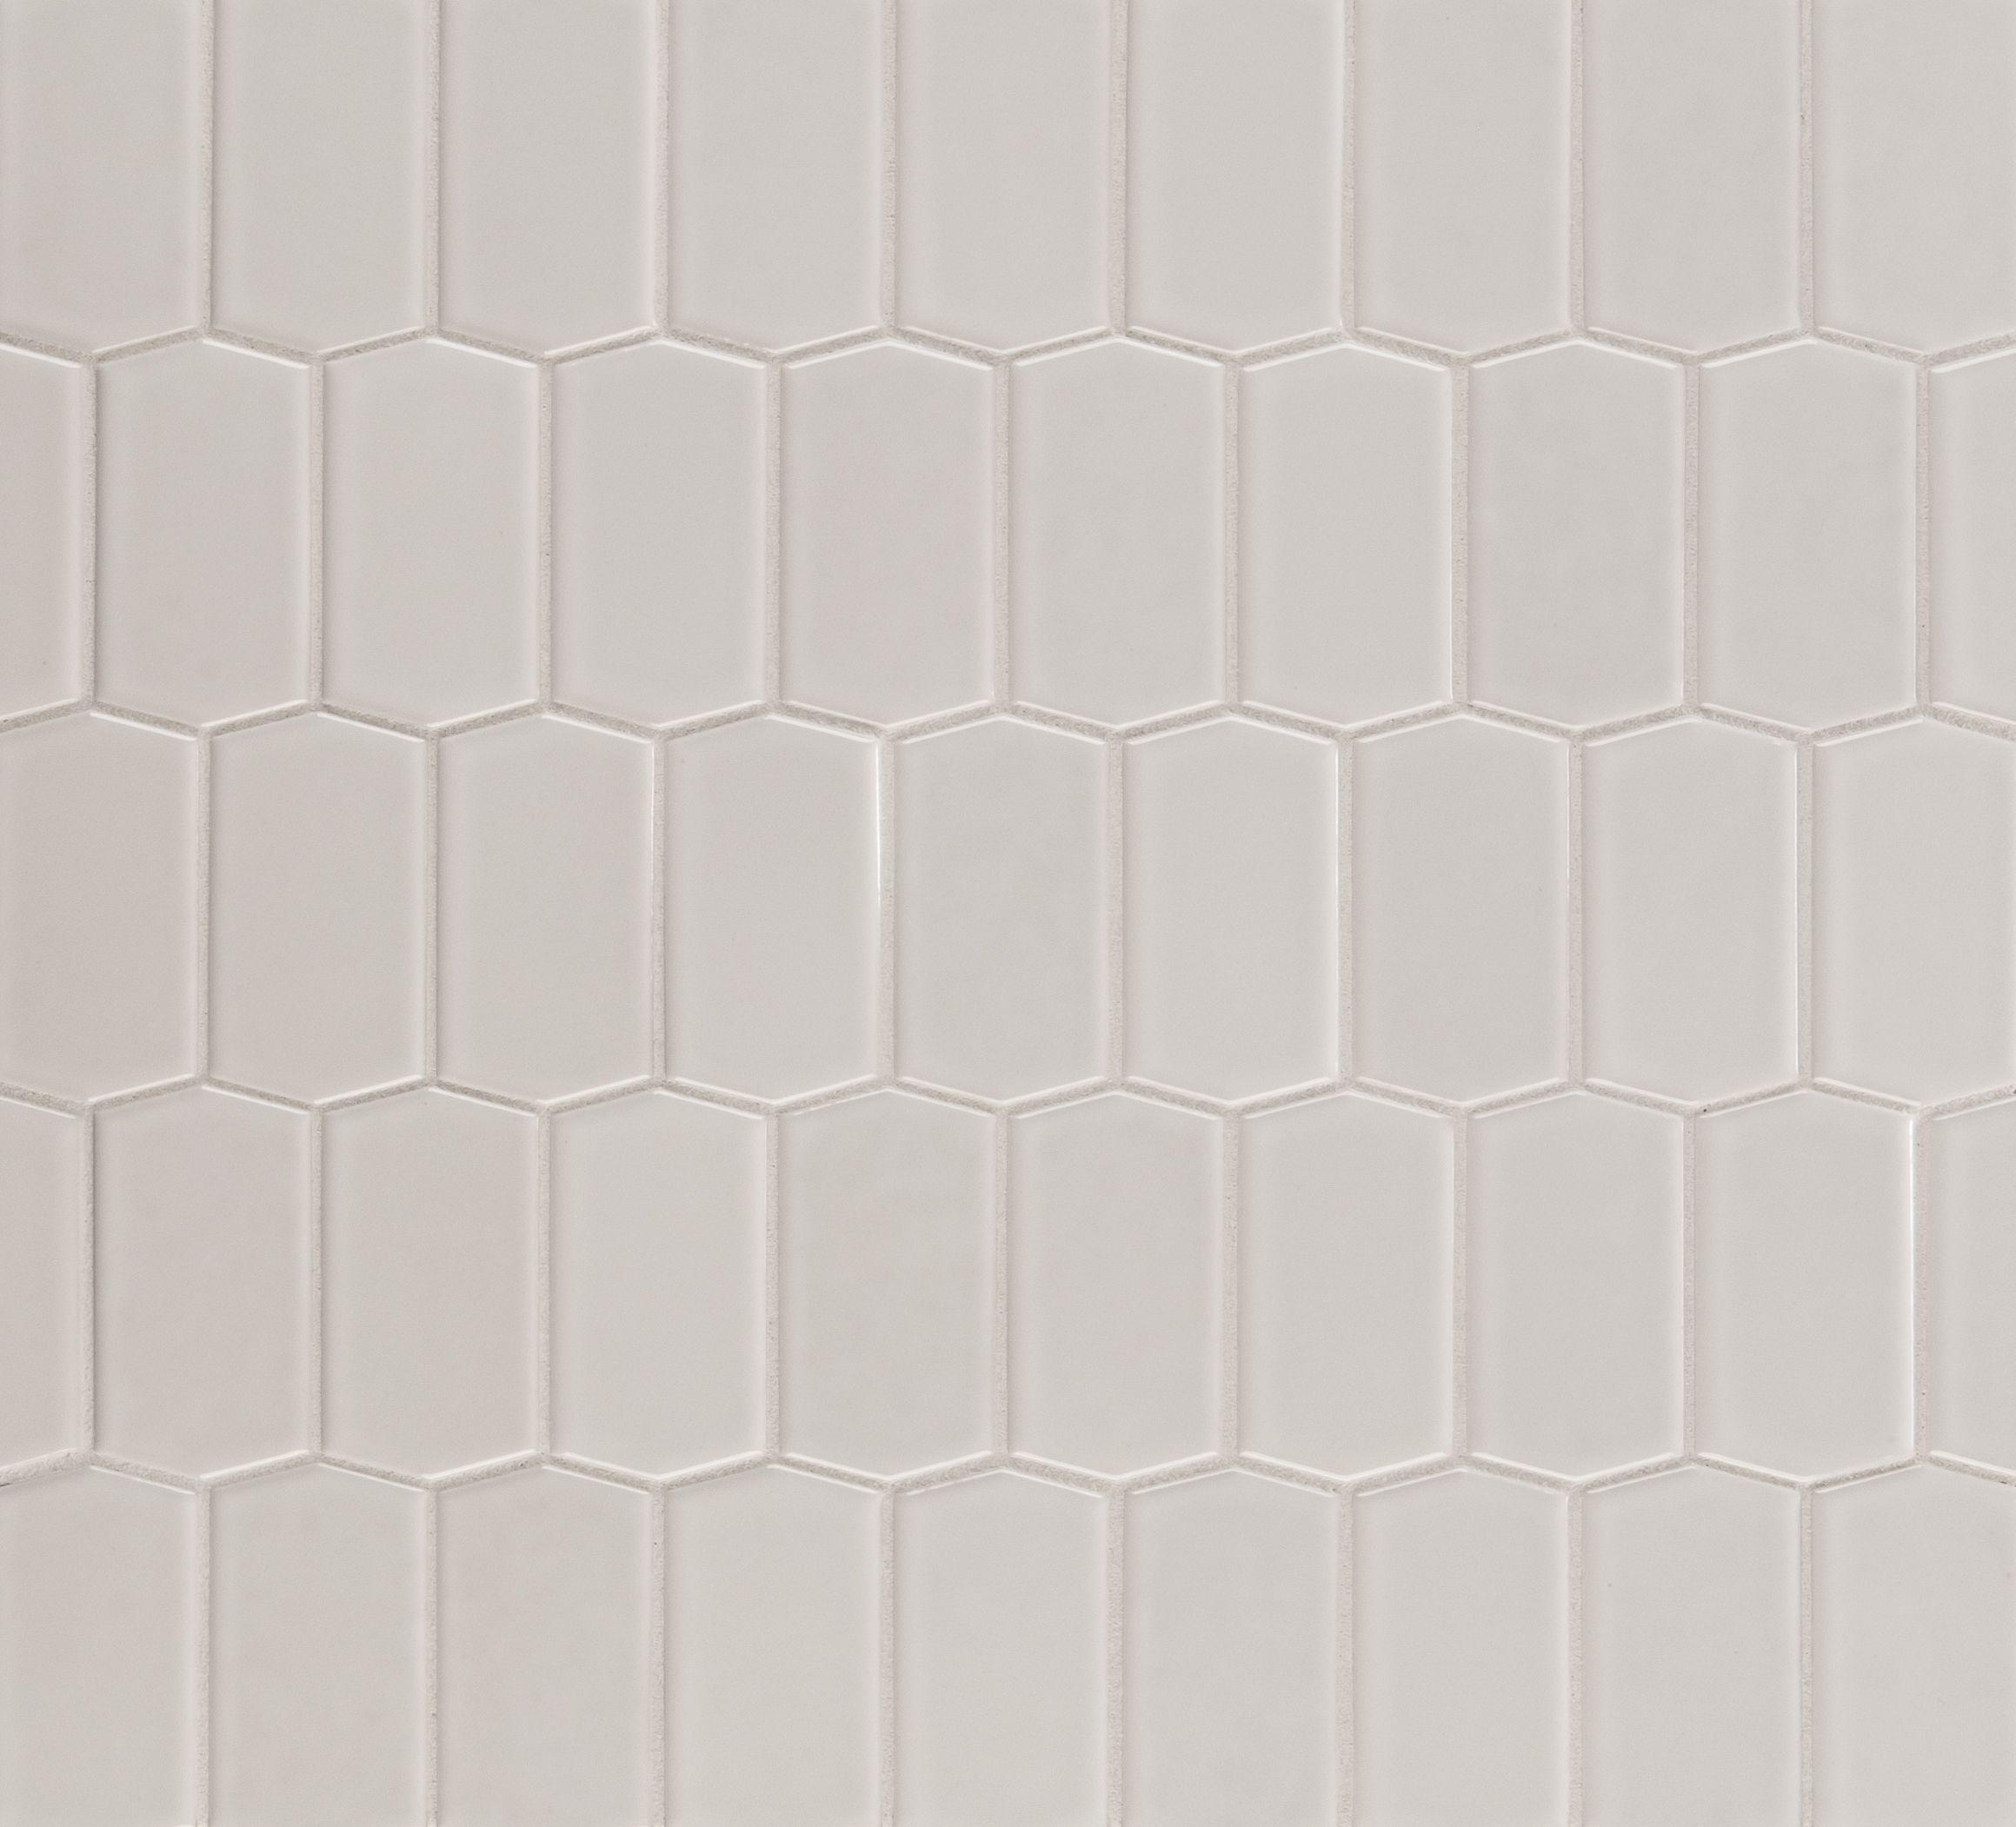 Ann Sacks Mosaic Bathroom Tile: ANN SACKS Savoy Hive Ceramic Mosaic In Paperwhite